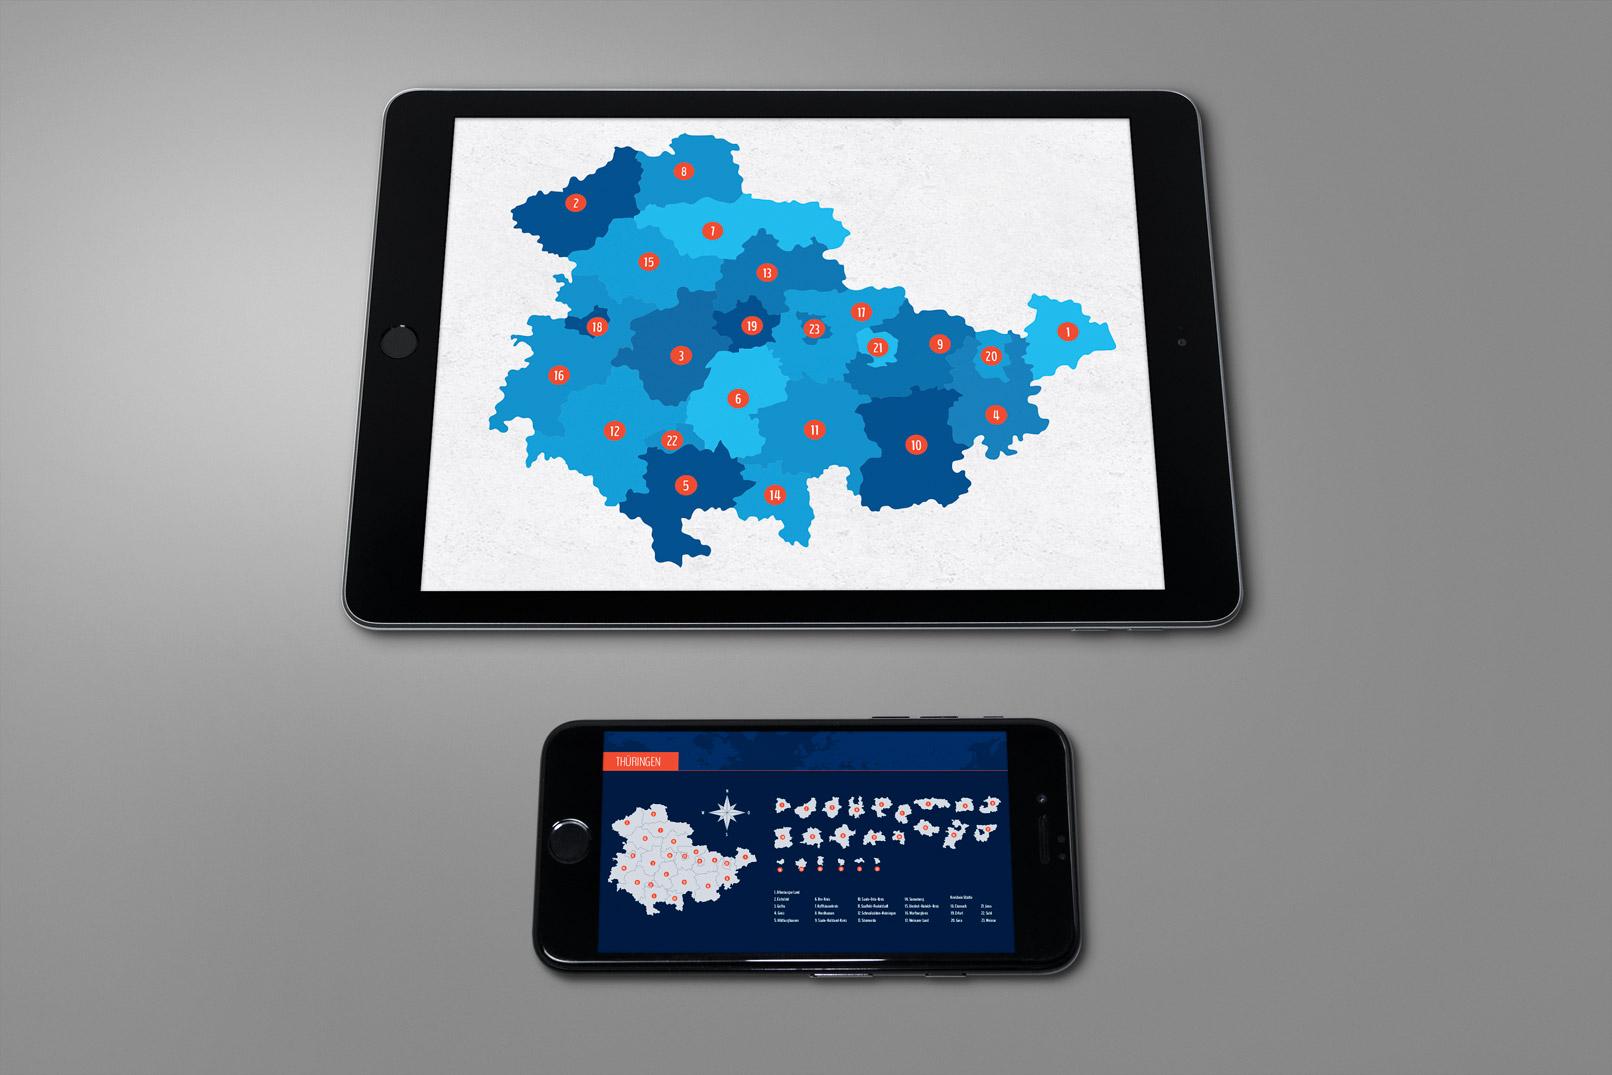 Tablet mit der Landkarte von Thüringen